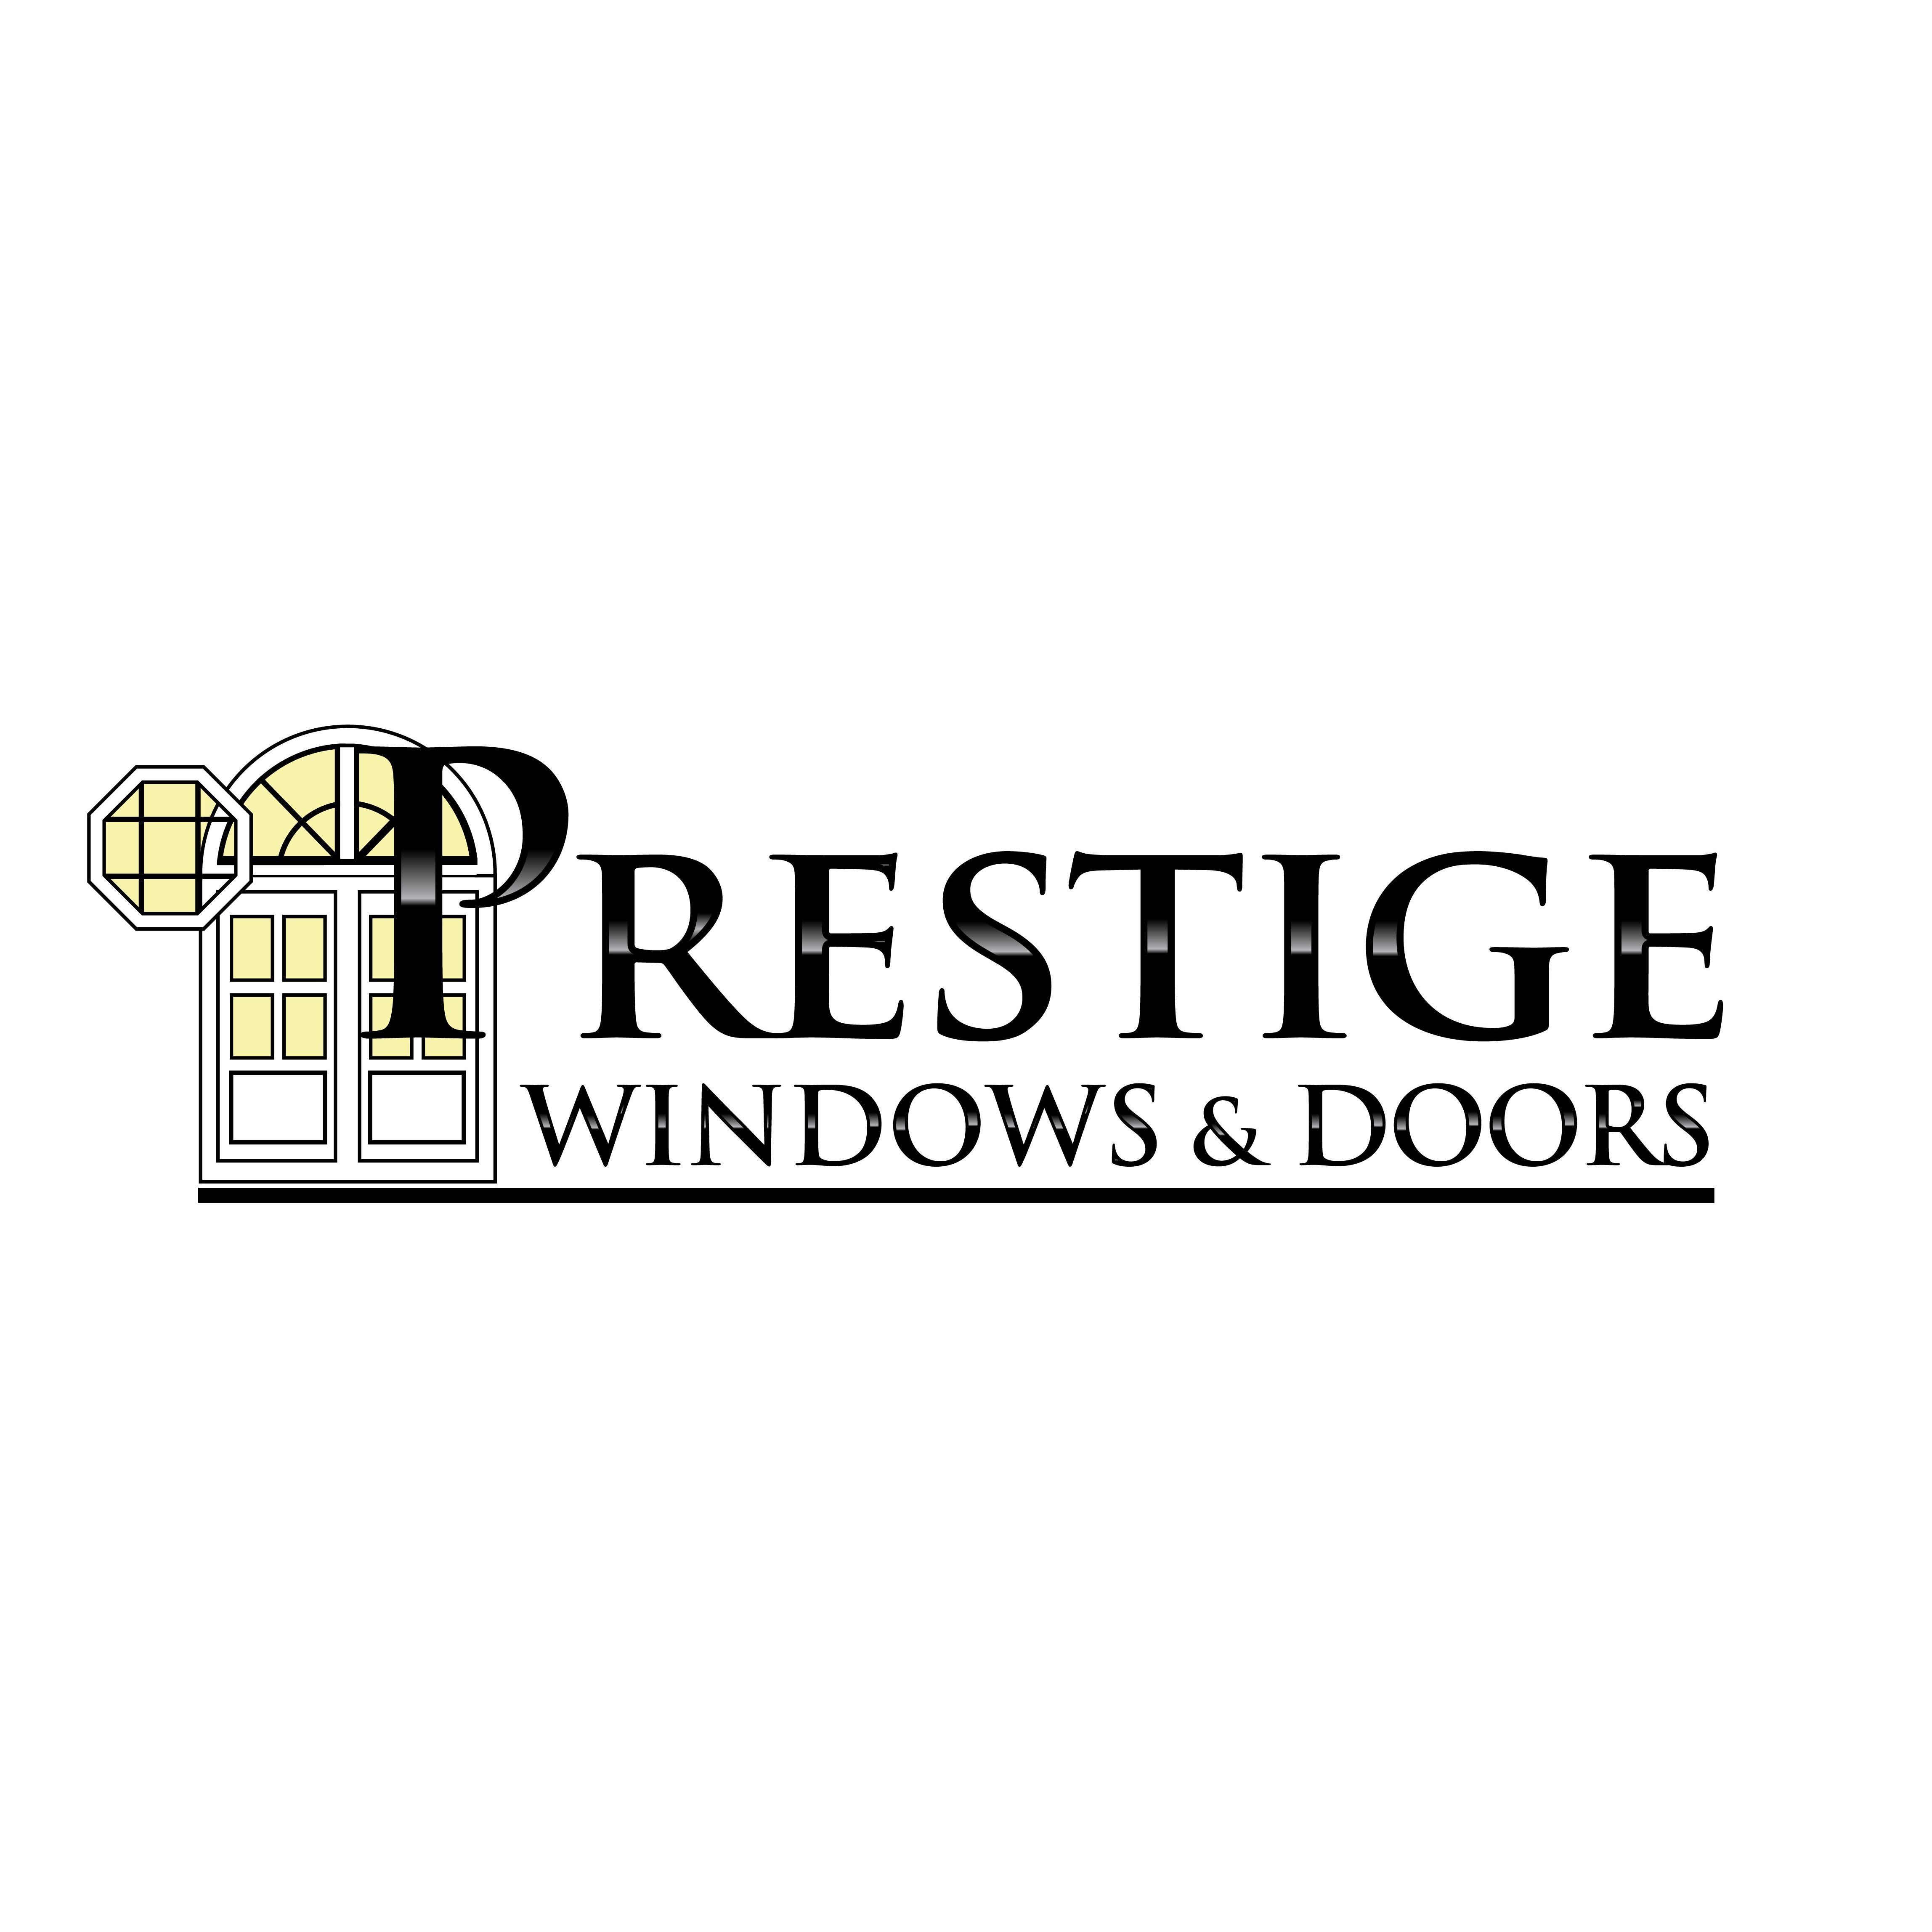 Prestige Windows & Doors